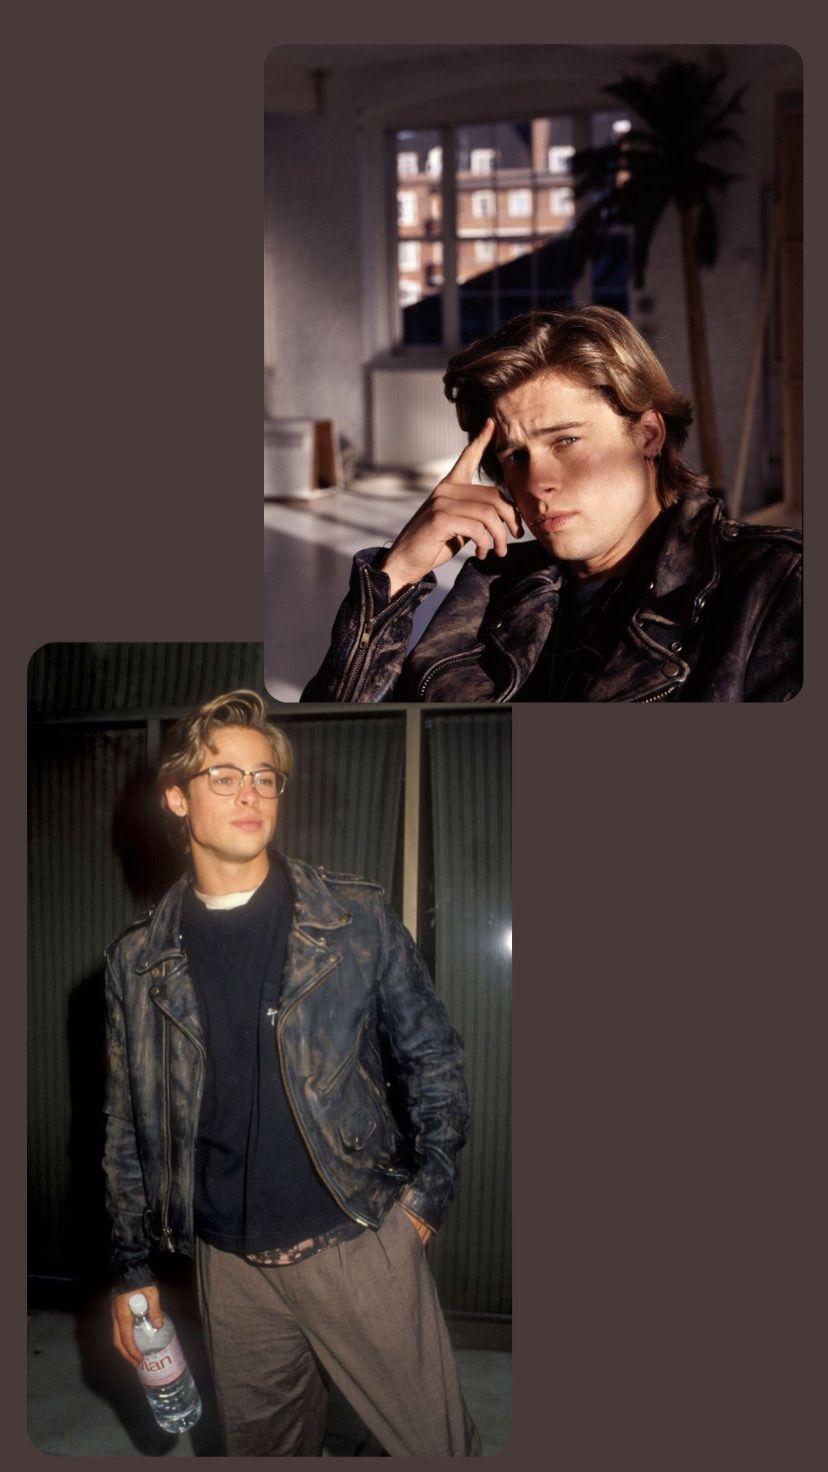 Brad Pitt Wallaper Brad Pitt Aesthetic Wallpapers Brad